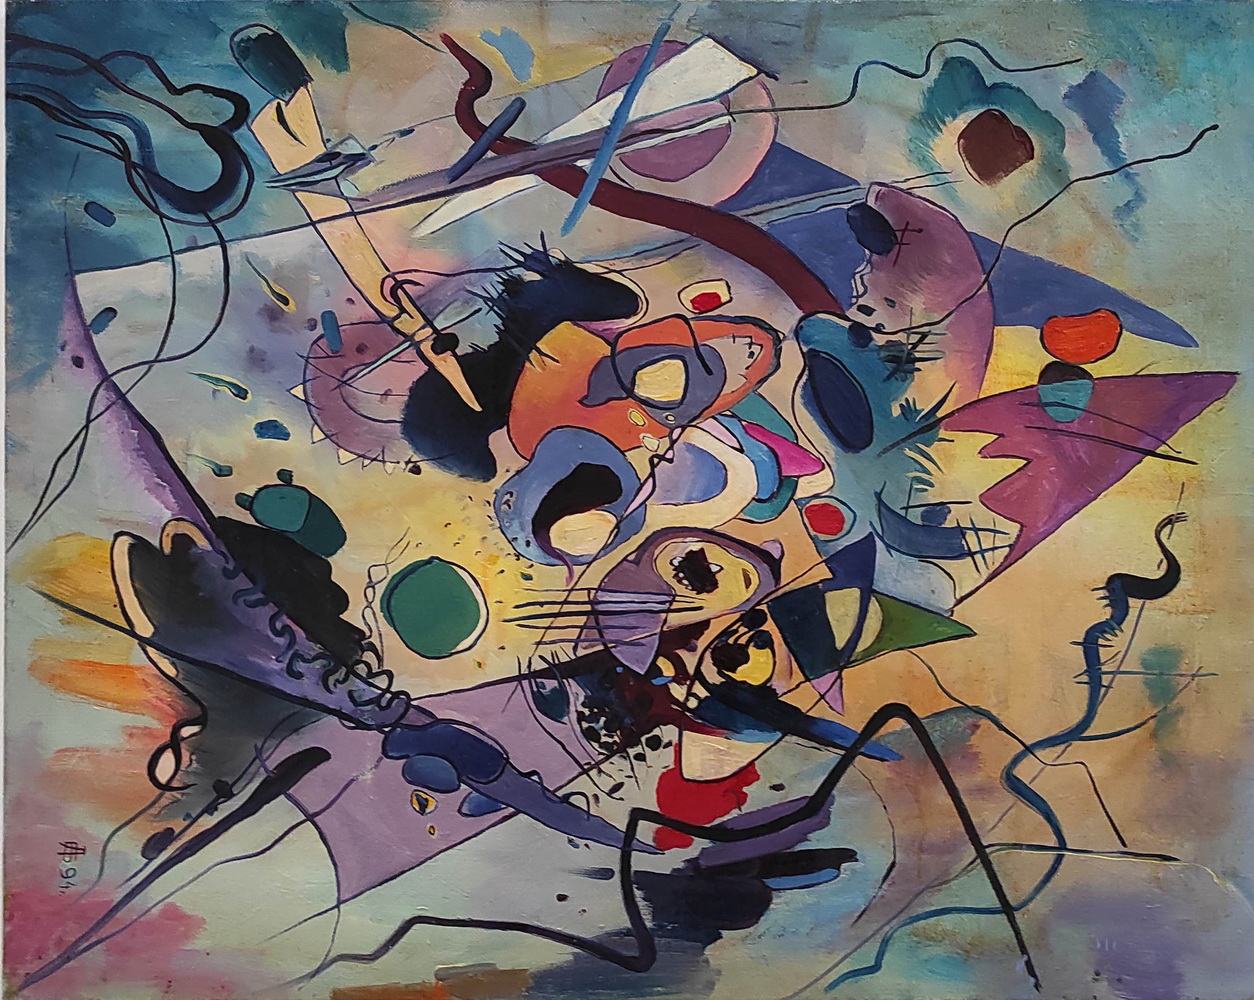 Бахтеев Анвар. Форма в пространстве. 1993